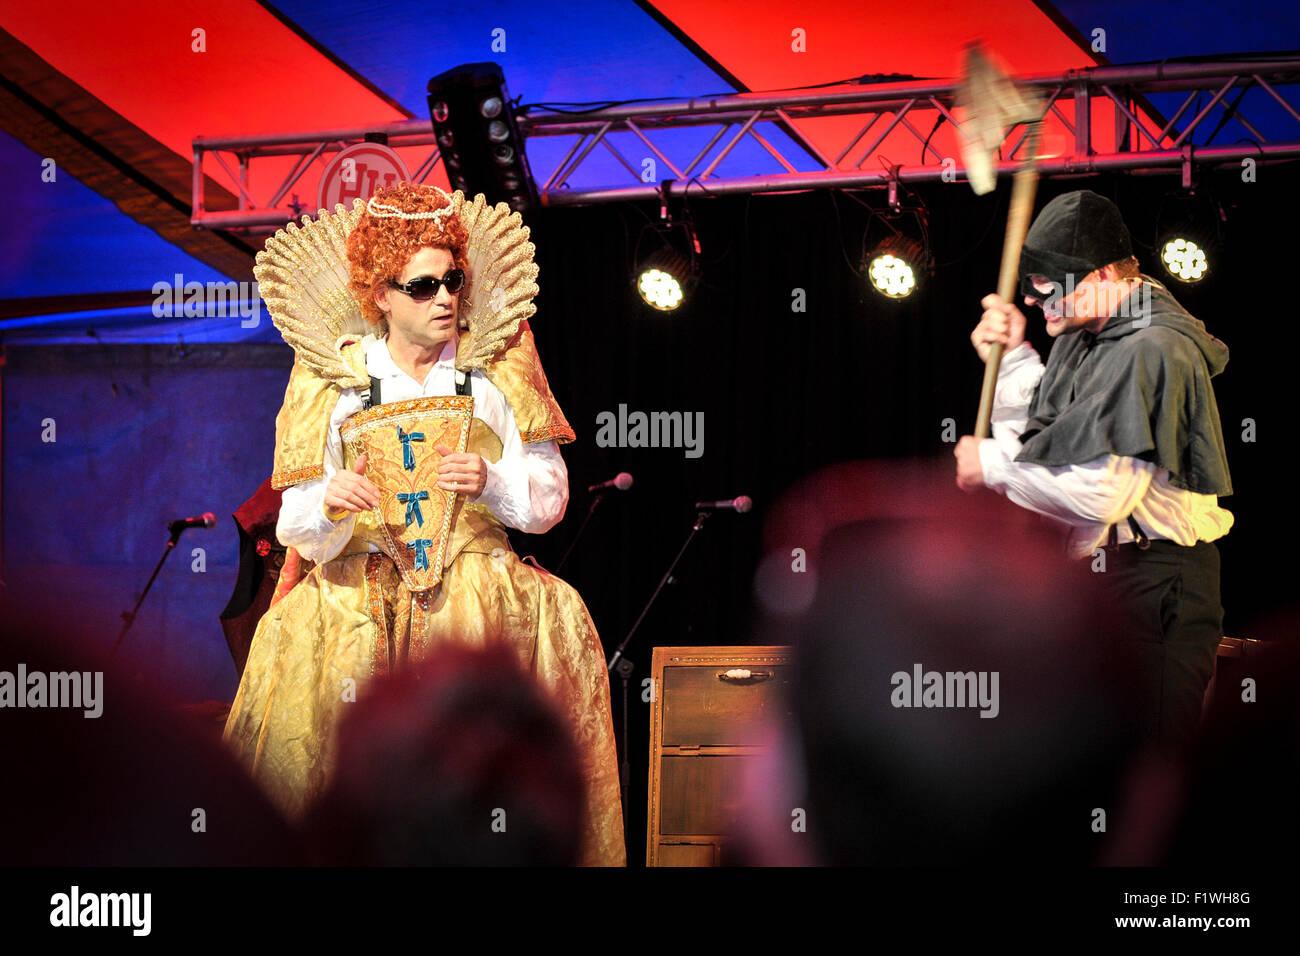 Schreckliche Geschichten auf miteinander der Menschen-Festival in Brighton durchgeführt wird. Stockbild